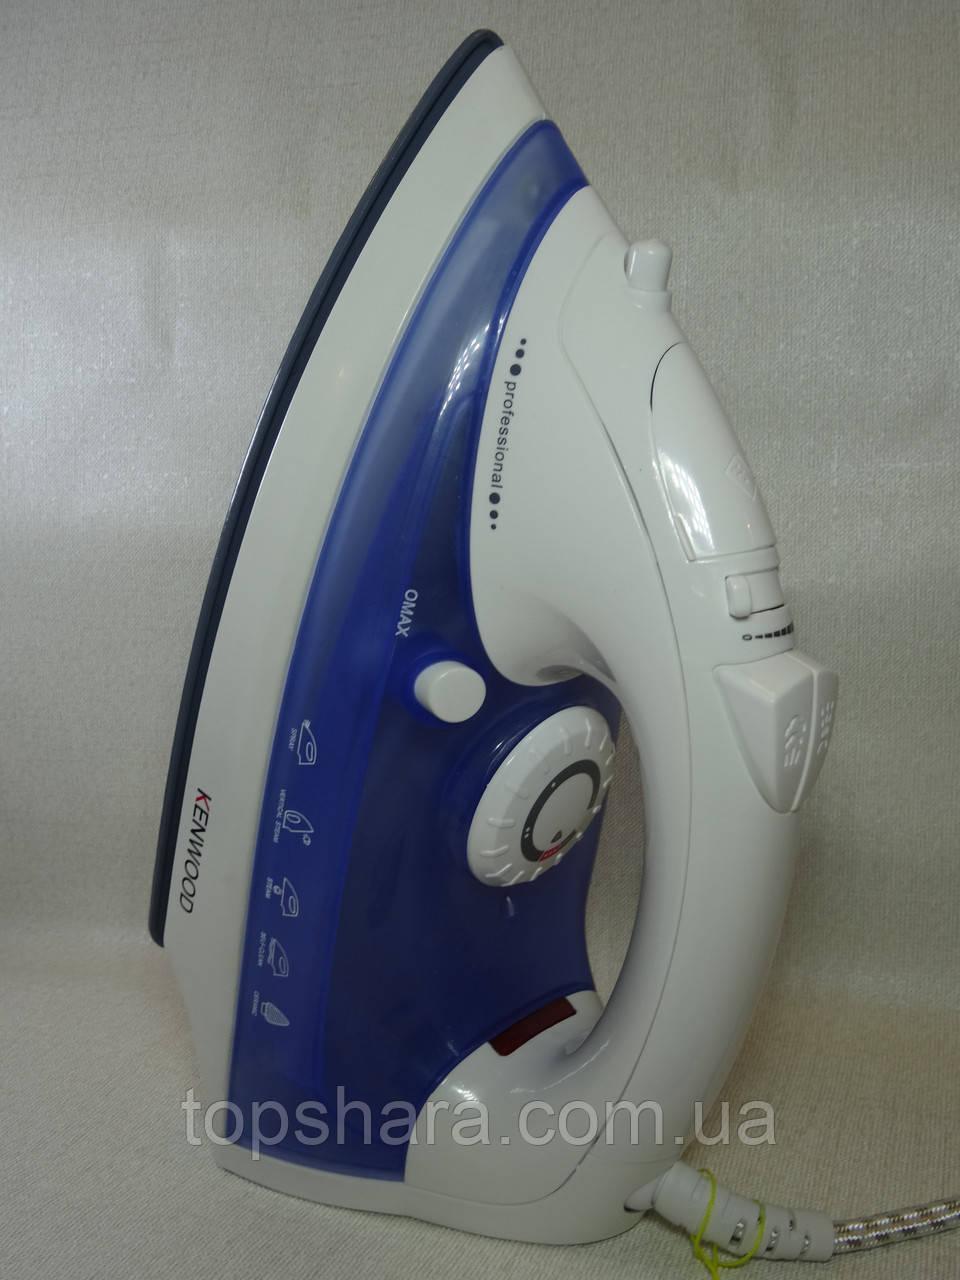 Утюг Kenwood K2866 синий с белым 2000вт